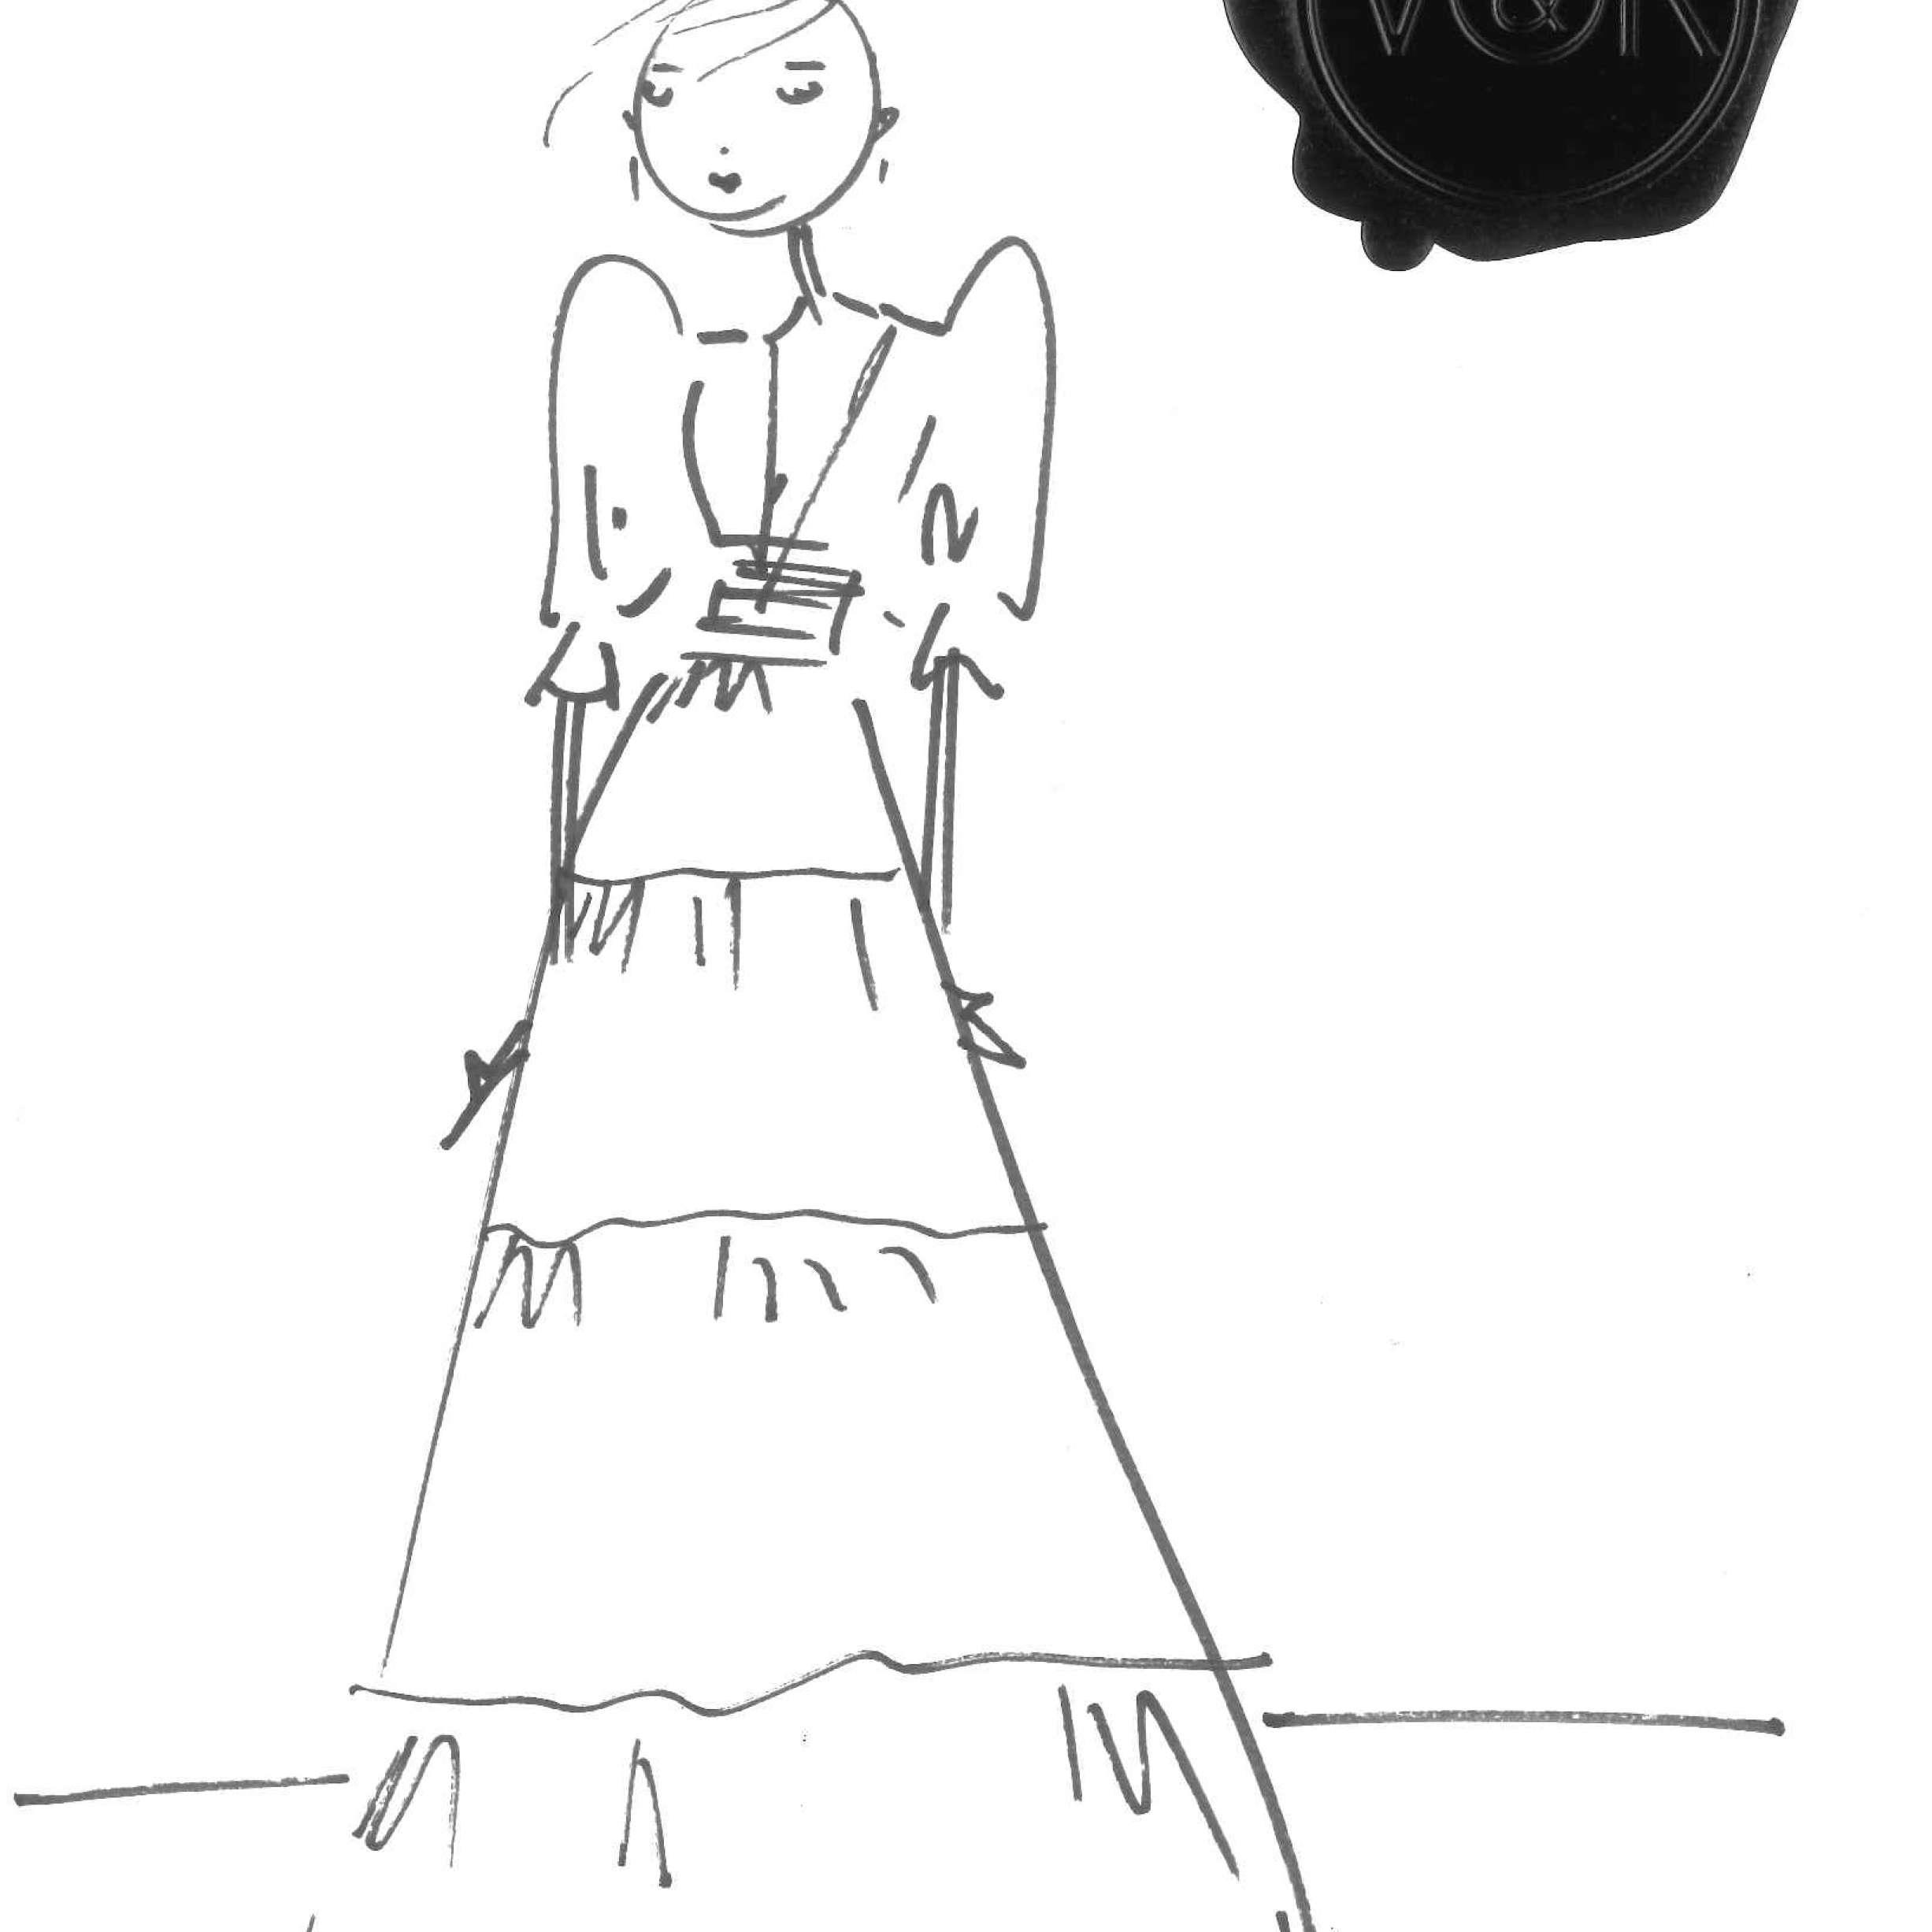 Viktor & Rolf Mariage Bridal Fashion Week Fall 2020 Sketch